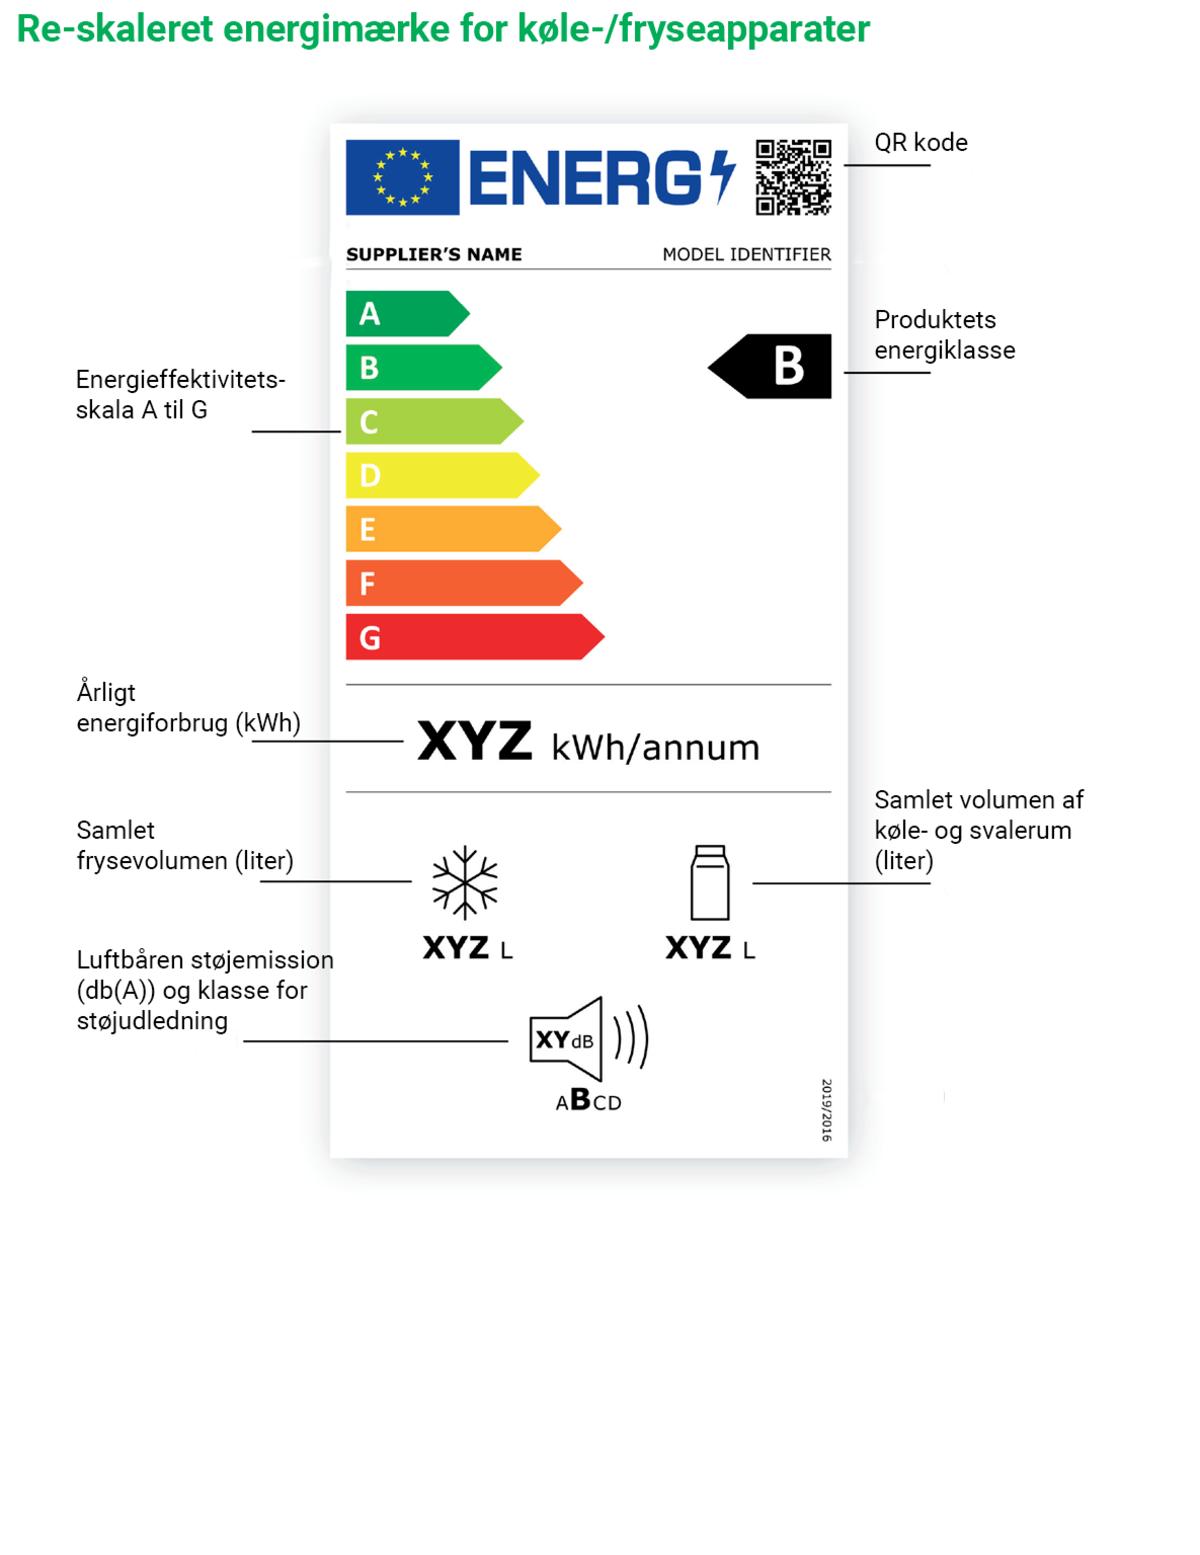 Energimærkning køle-/fryseapparater